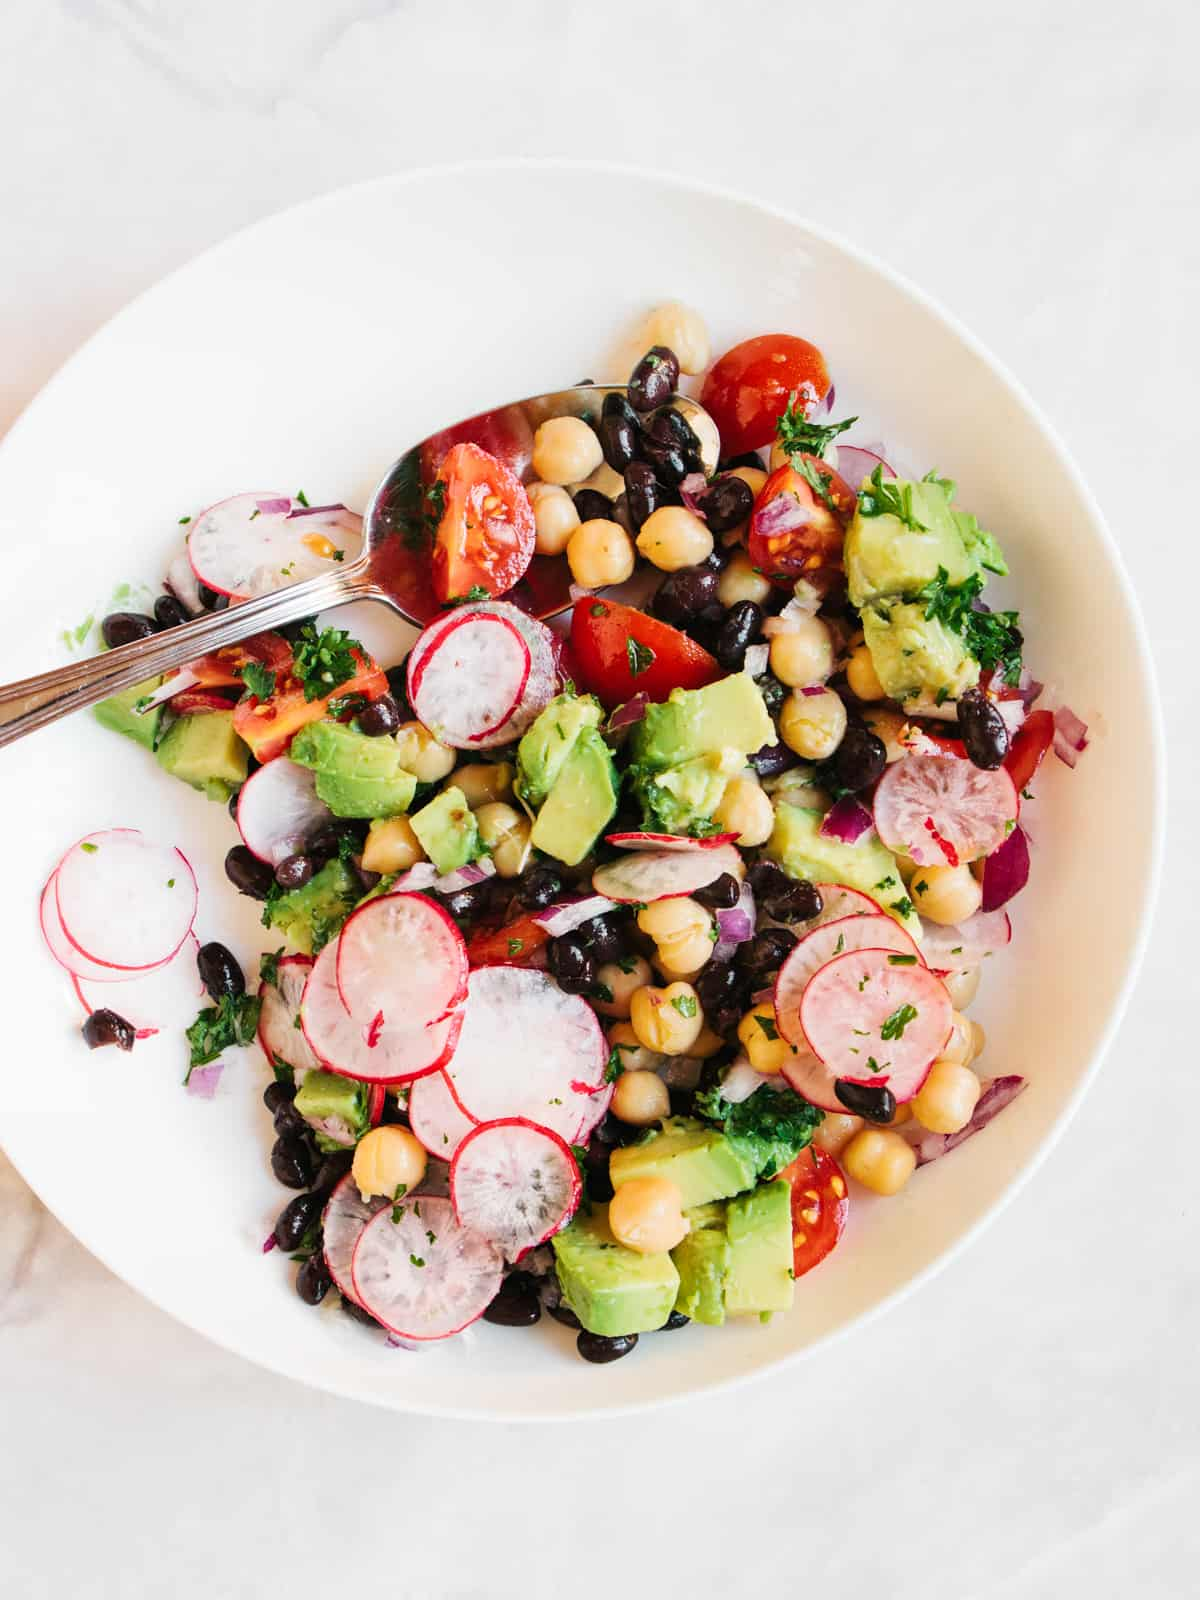 Ankštinių daržovių salotos